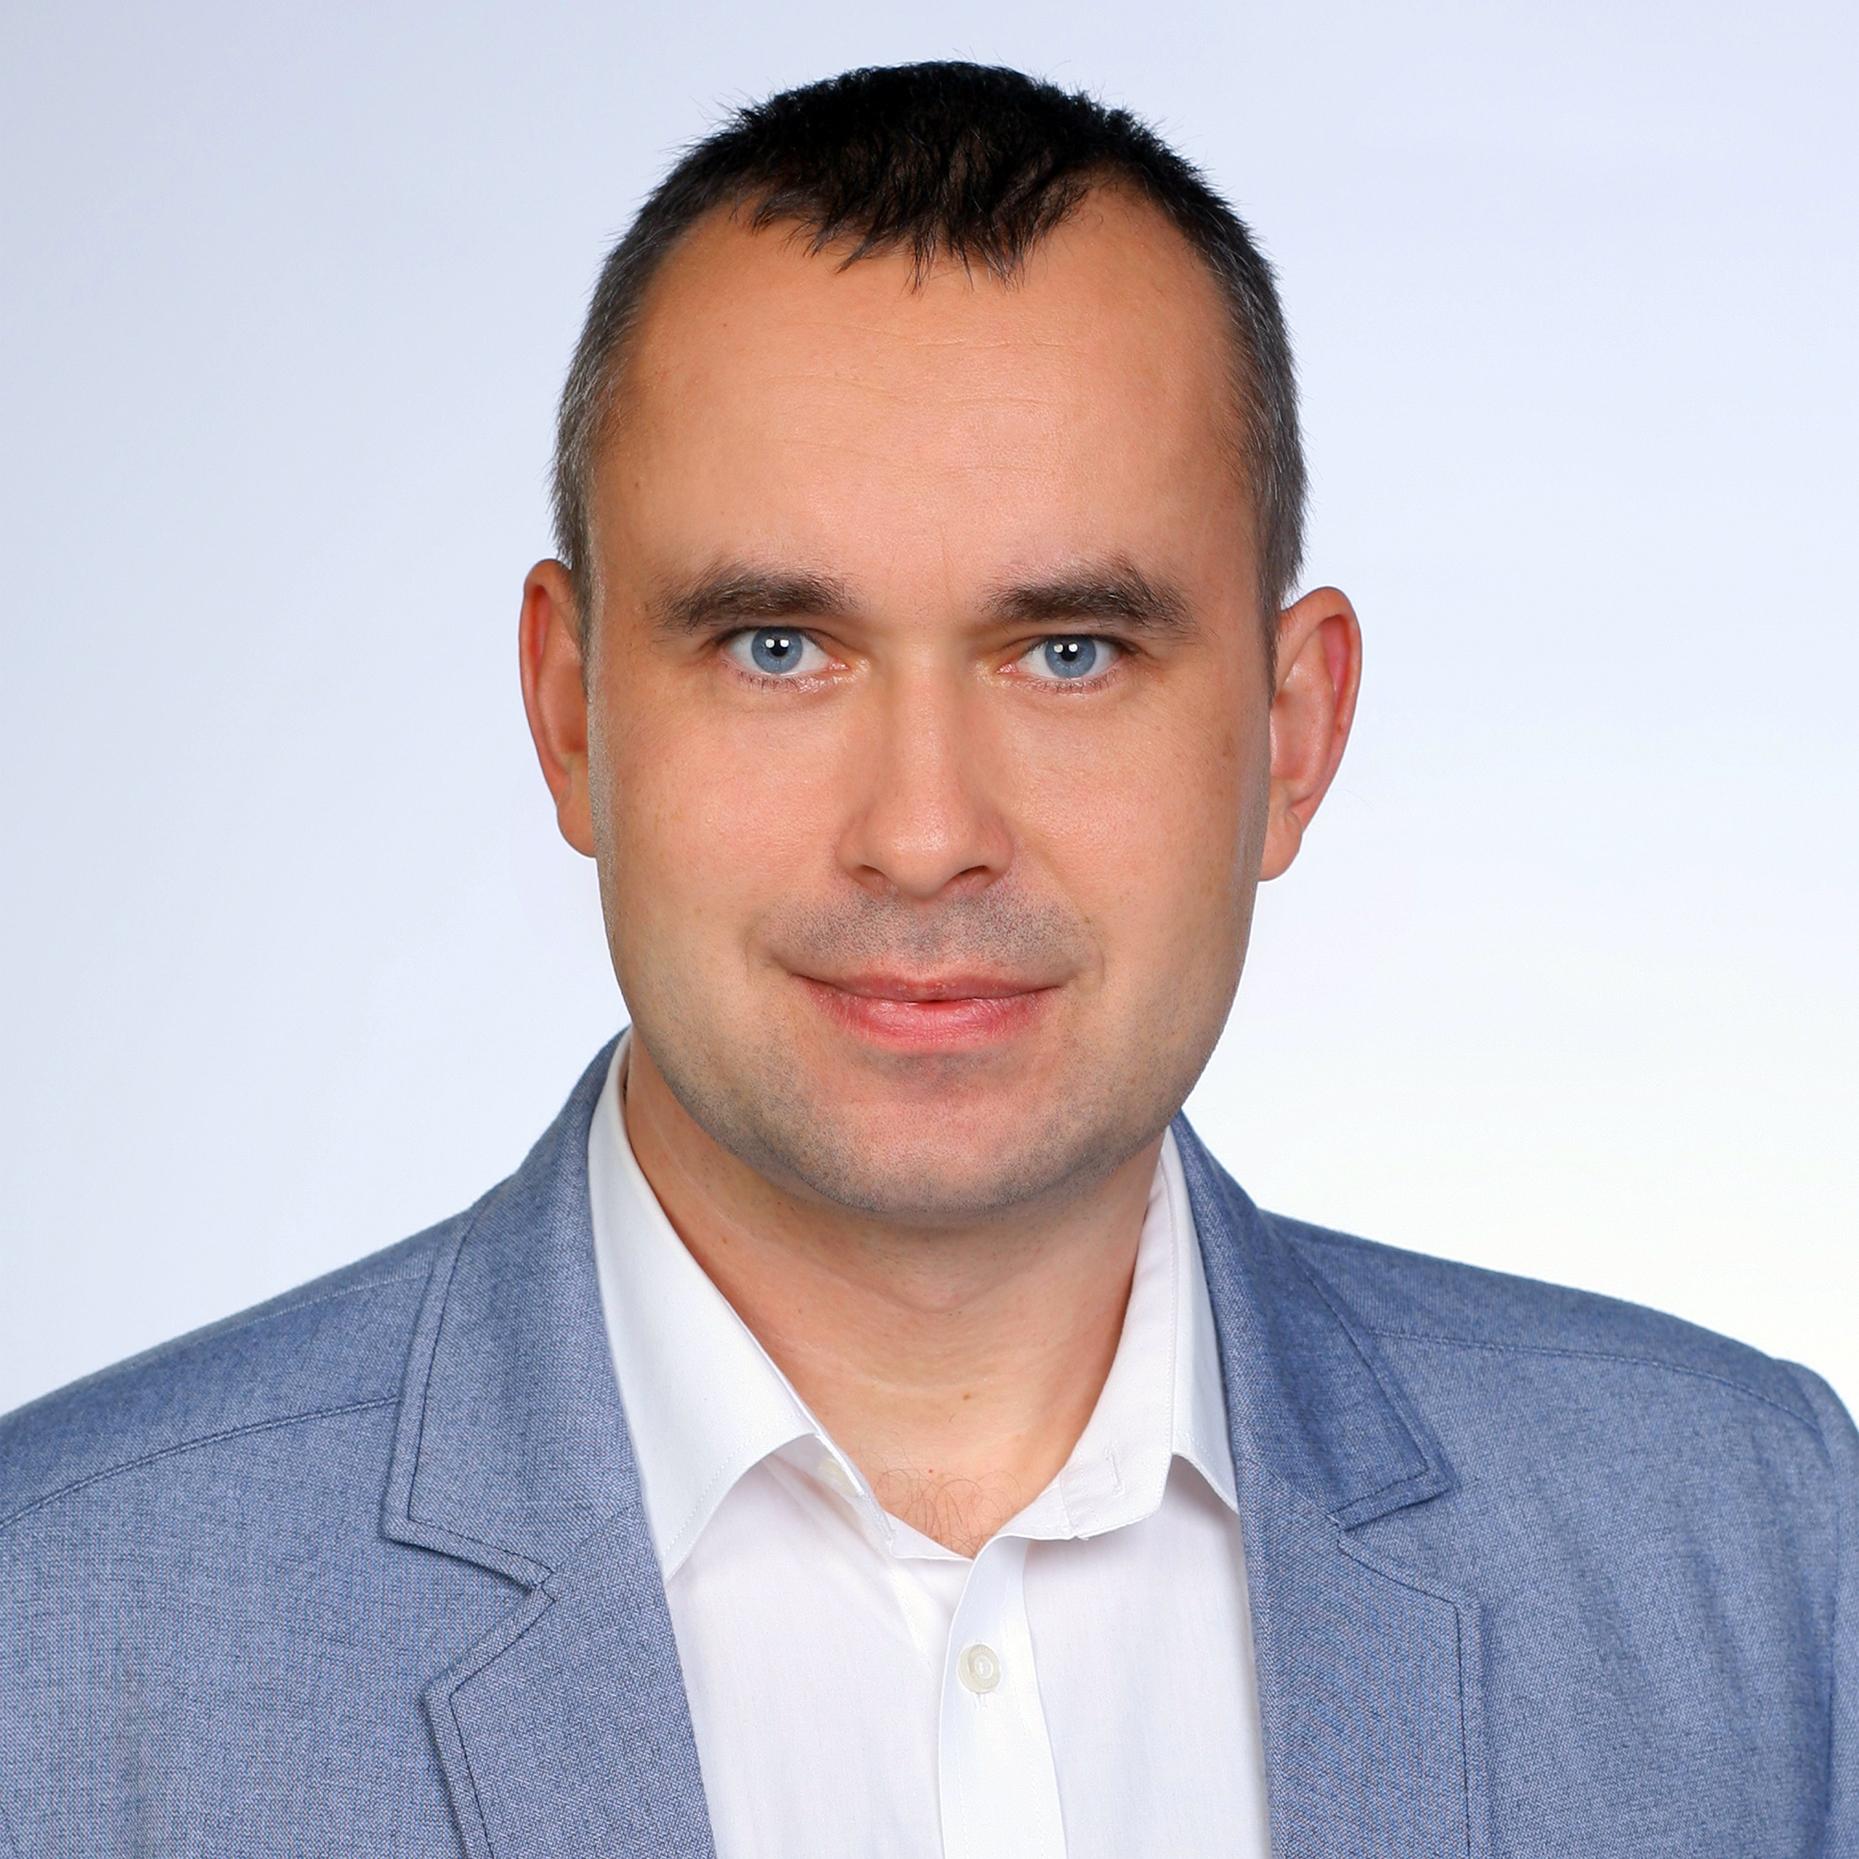 Sprawdzamy sondaże - https://www.sprawdzamysondaze.pl/samorzadowe-2018/wp-content/uploads/2018/09/kobus1.jpg